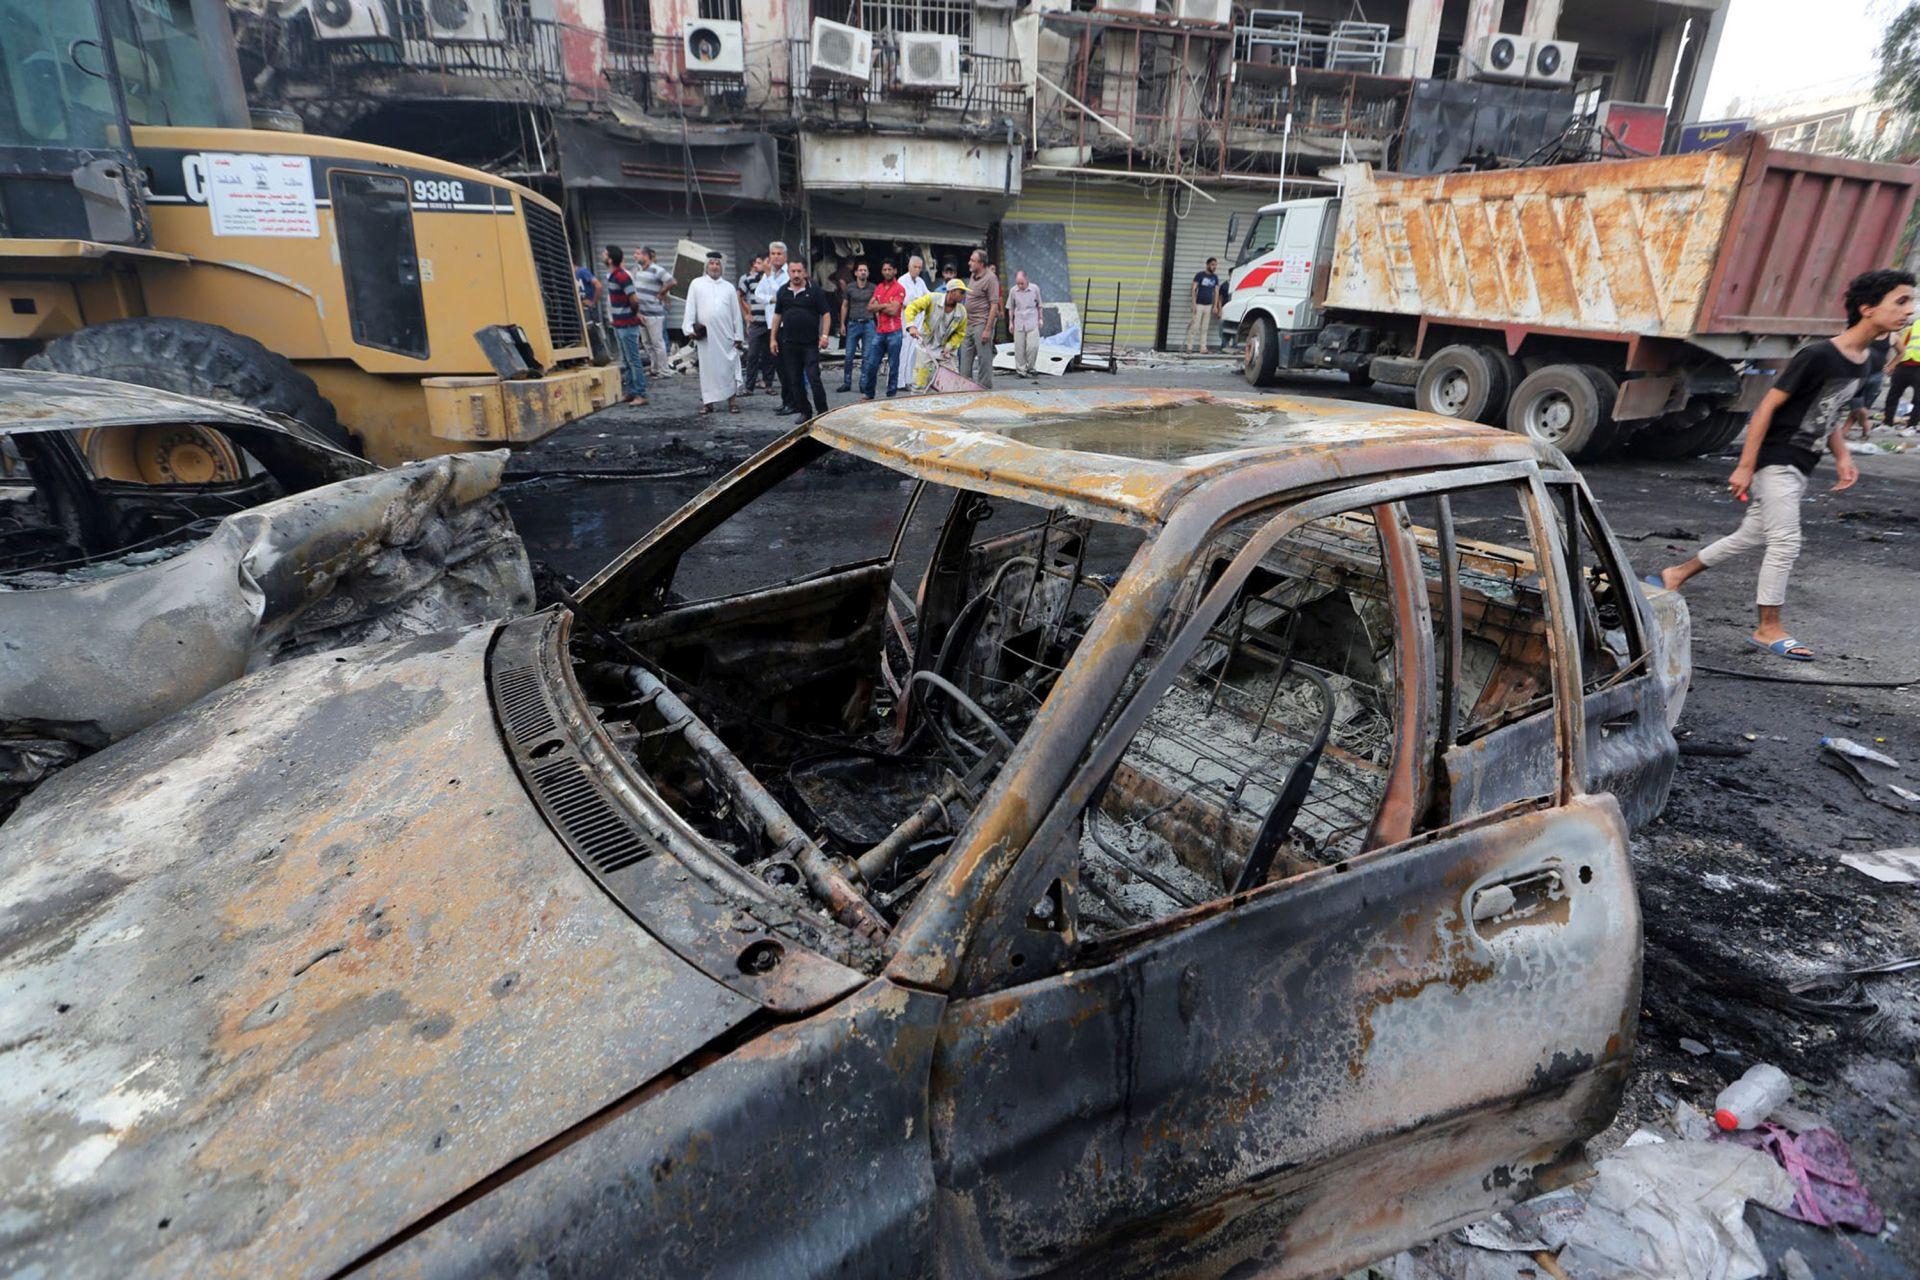 SAMOUBILAČKI NAPAD: Najmanje 12 mrtvih u Bagdadu